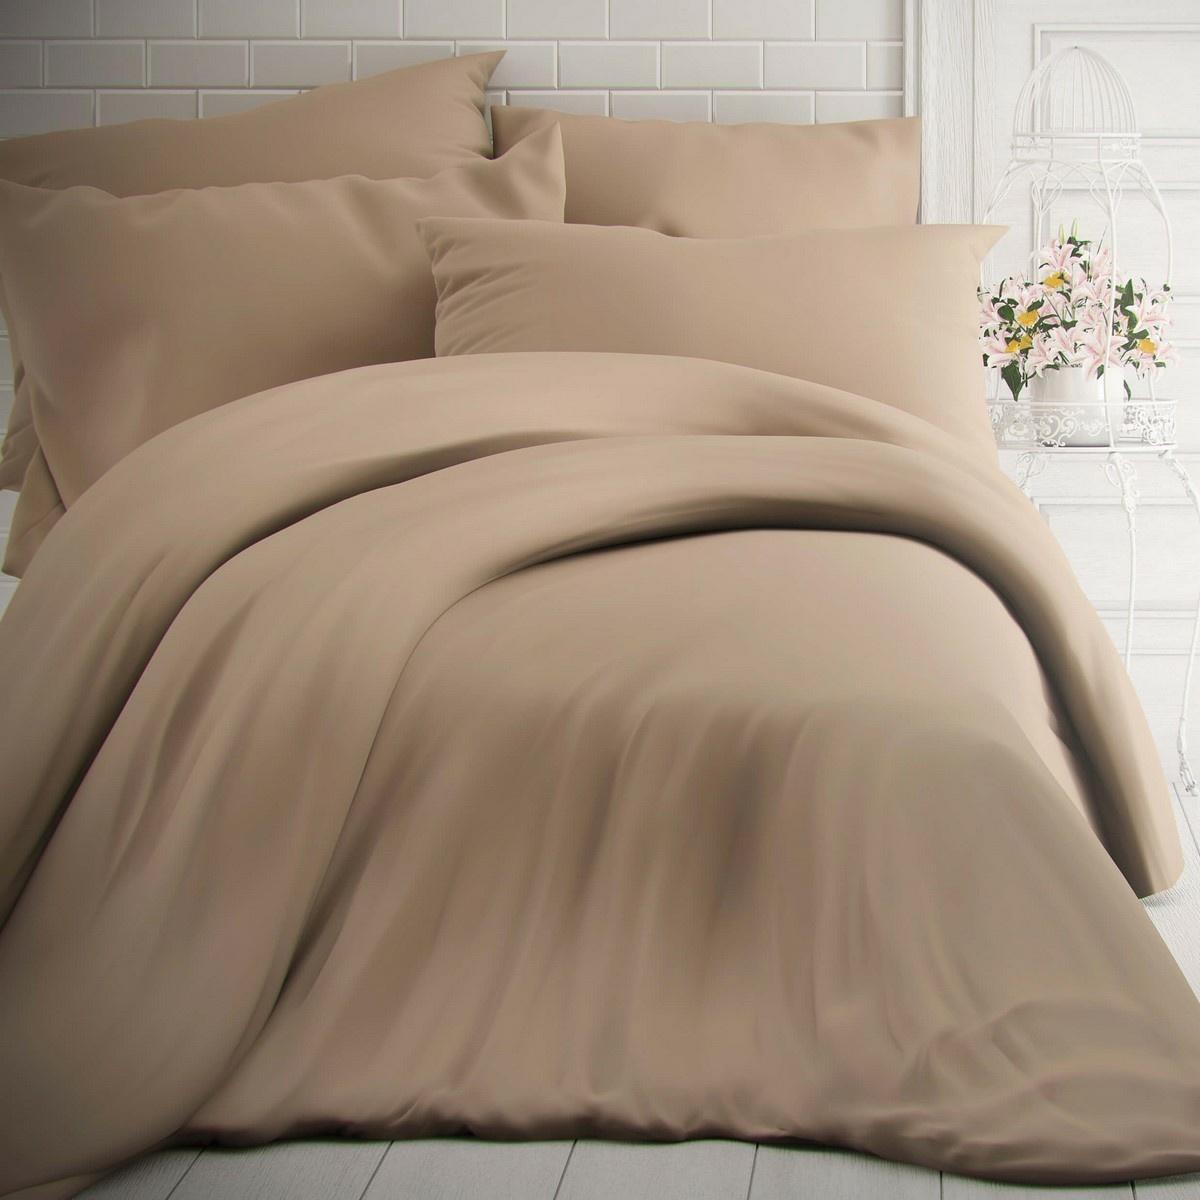 Kvalitex Bavlnené obliečky béžová, 240 x 200 cm, 2 ks 70 x 90 cm